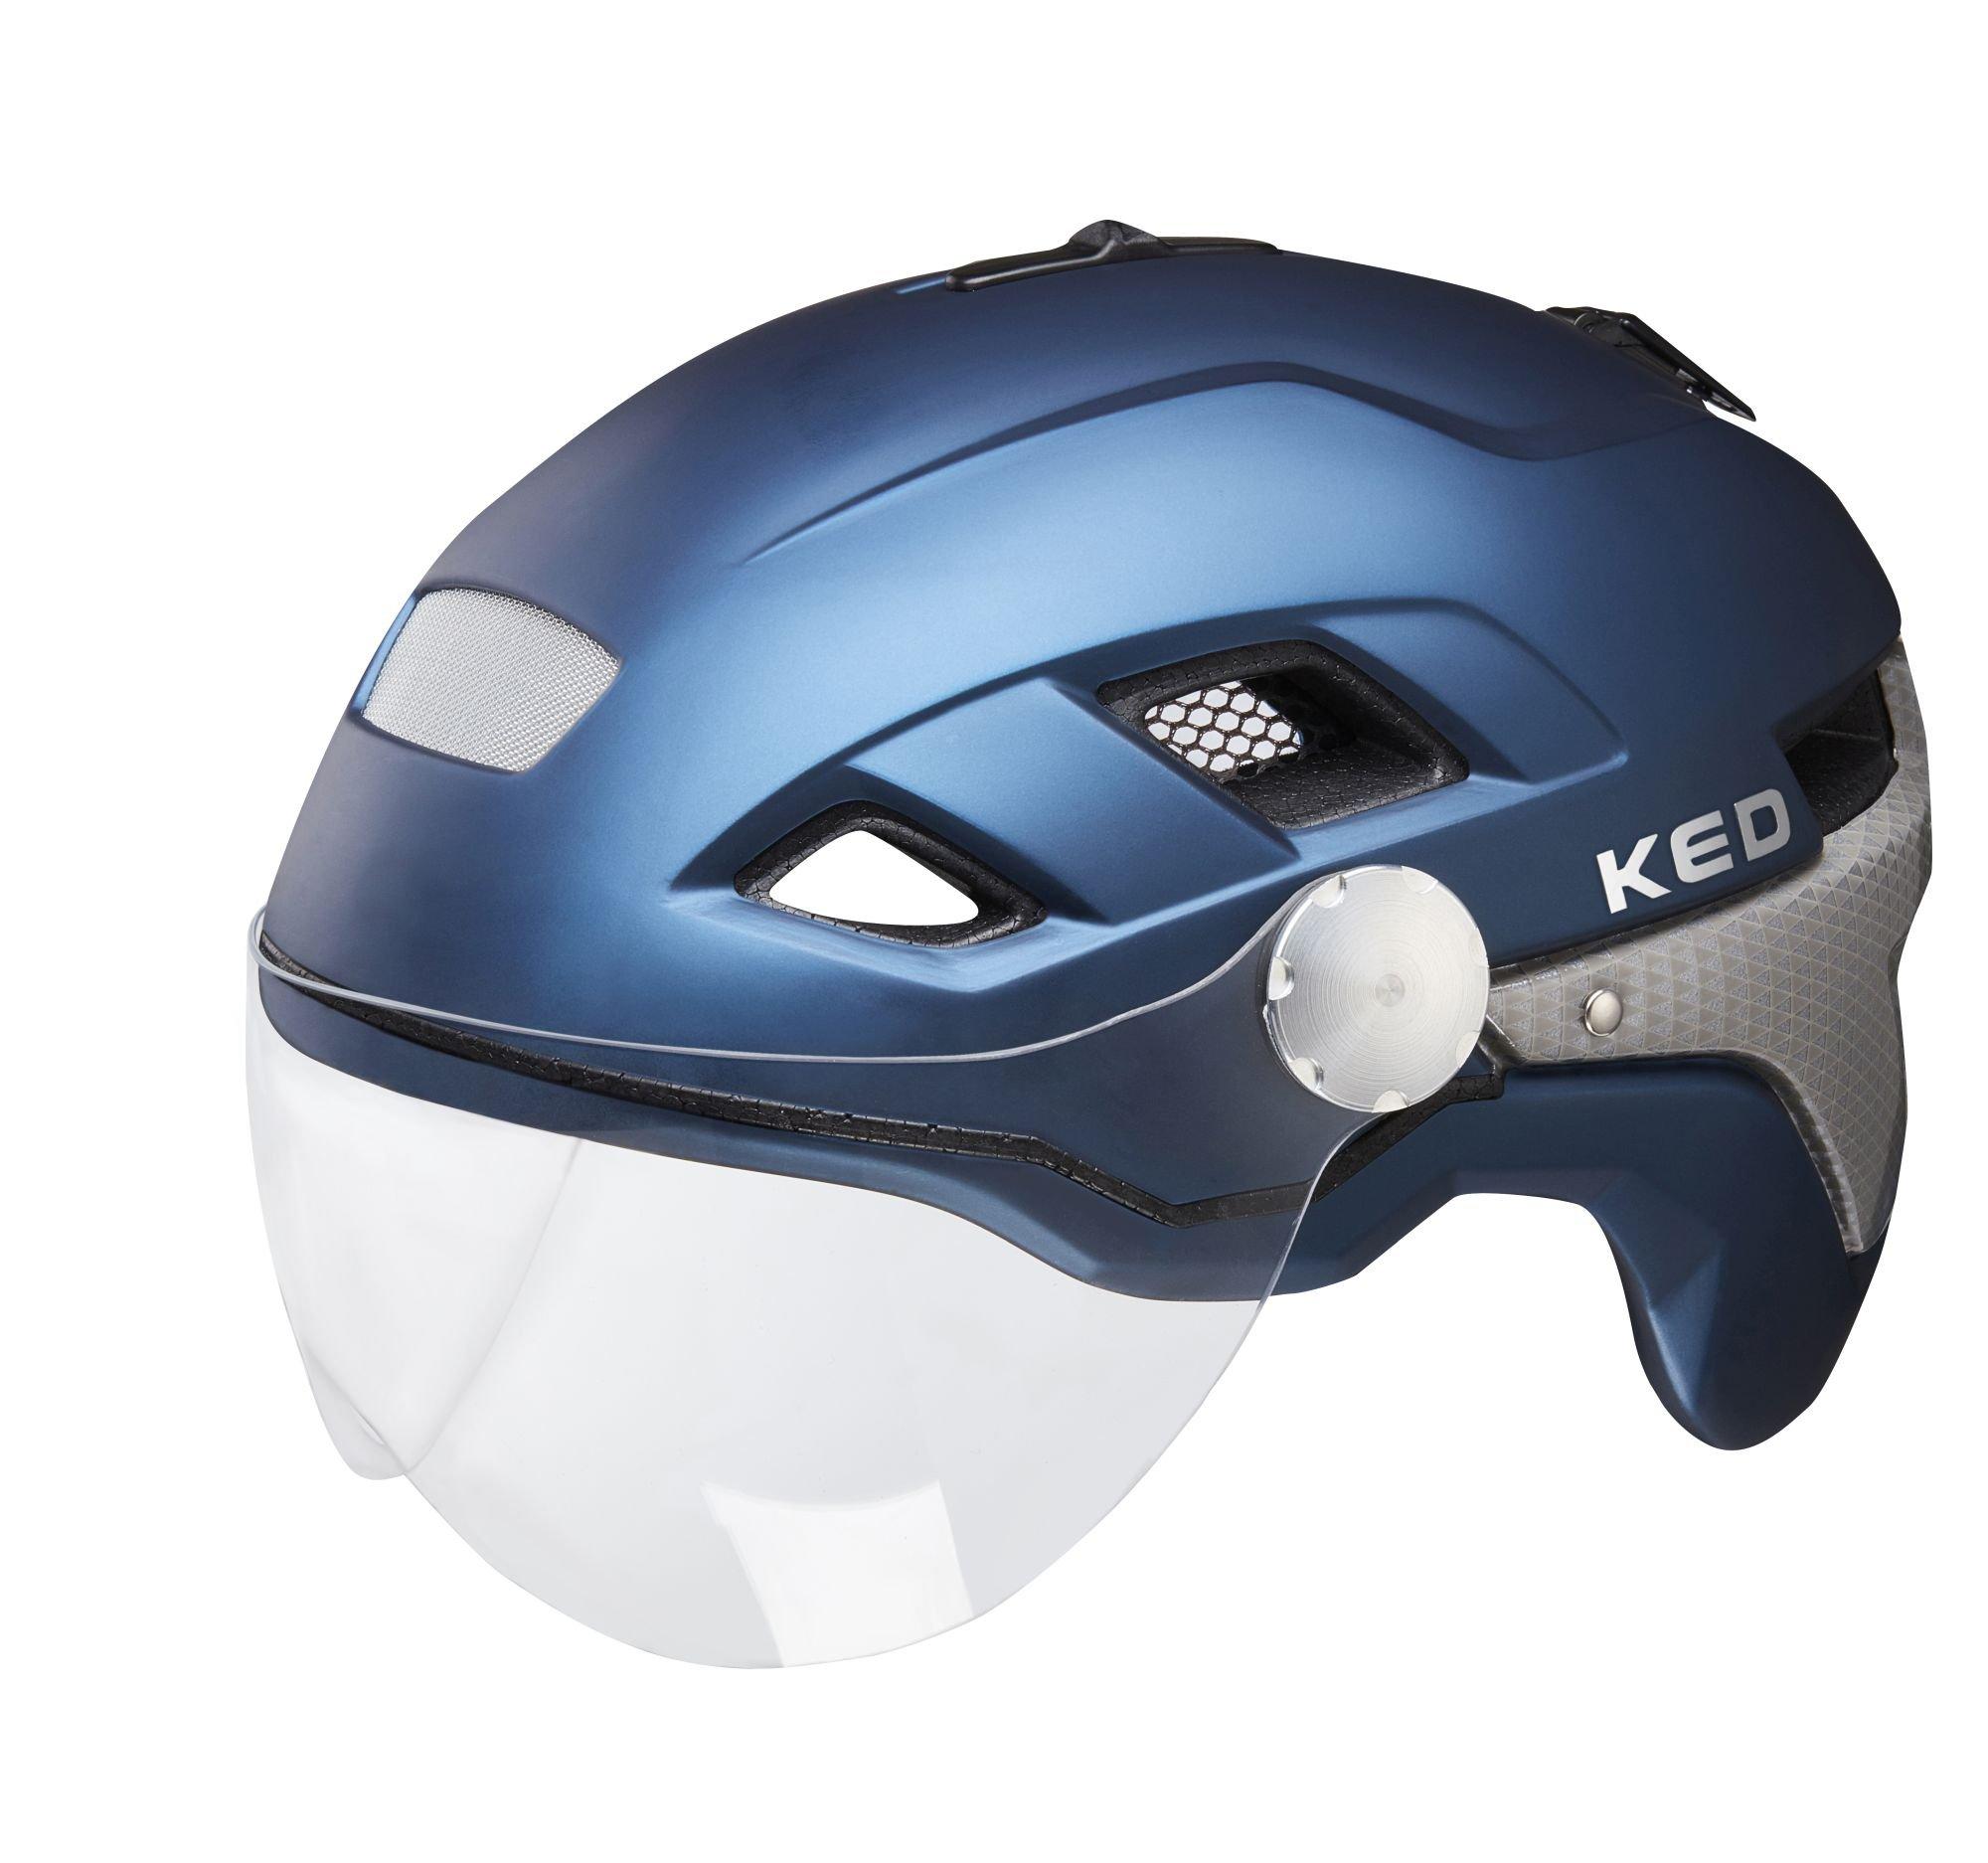 trekking- / city-helme/Helme: KED  Fahrradhelm B-Vis X-Lite 52-58 cm